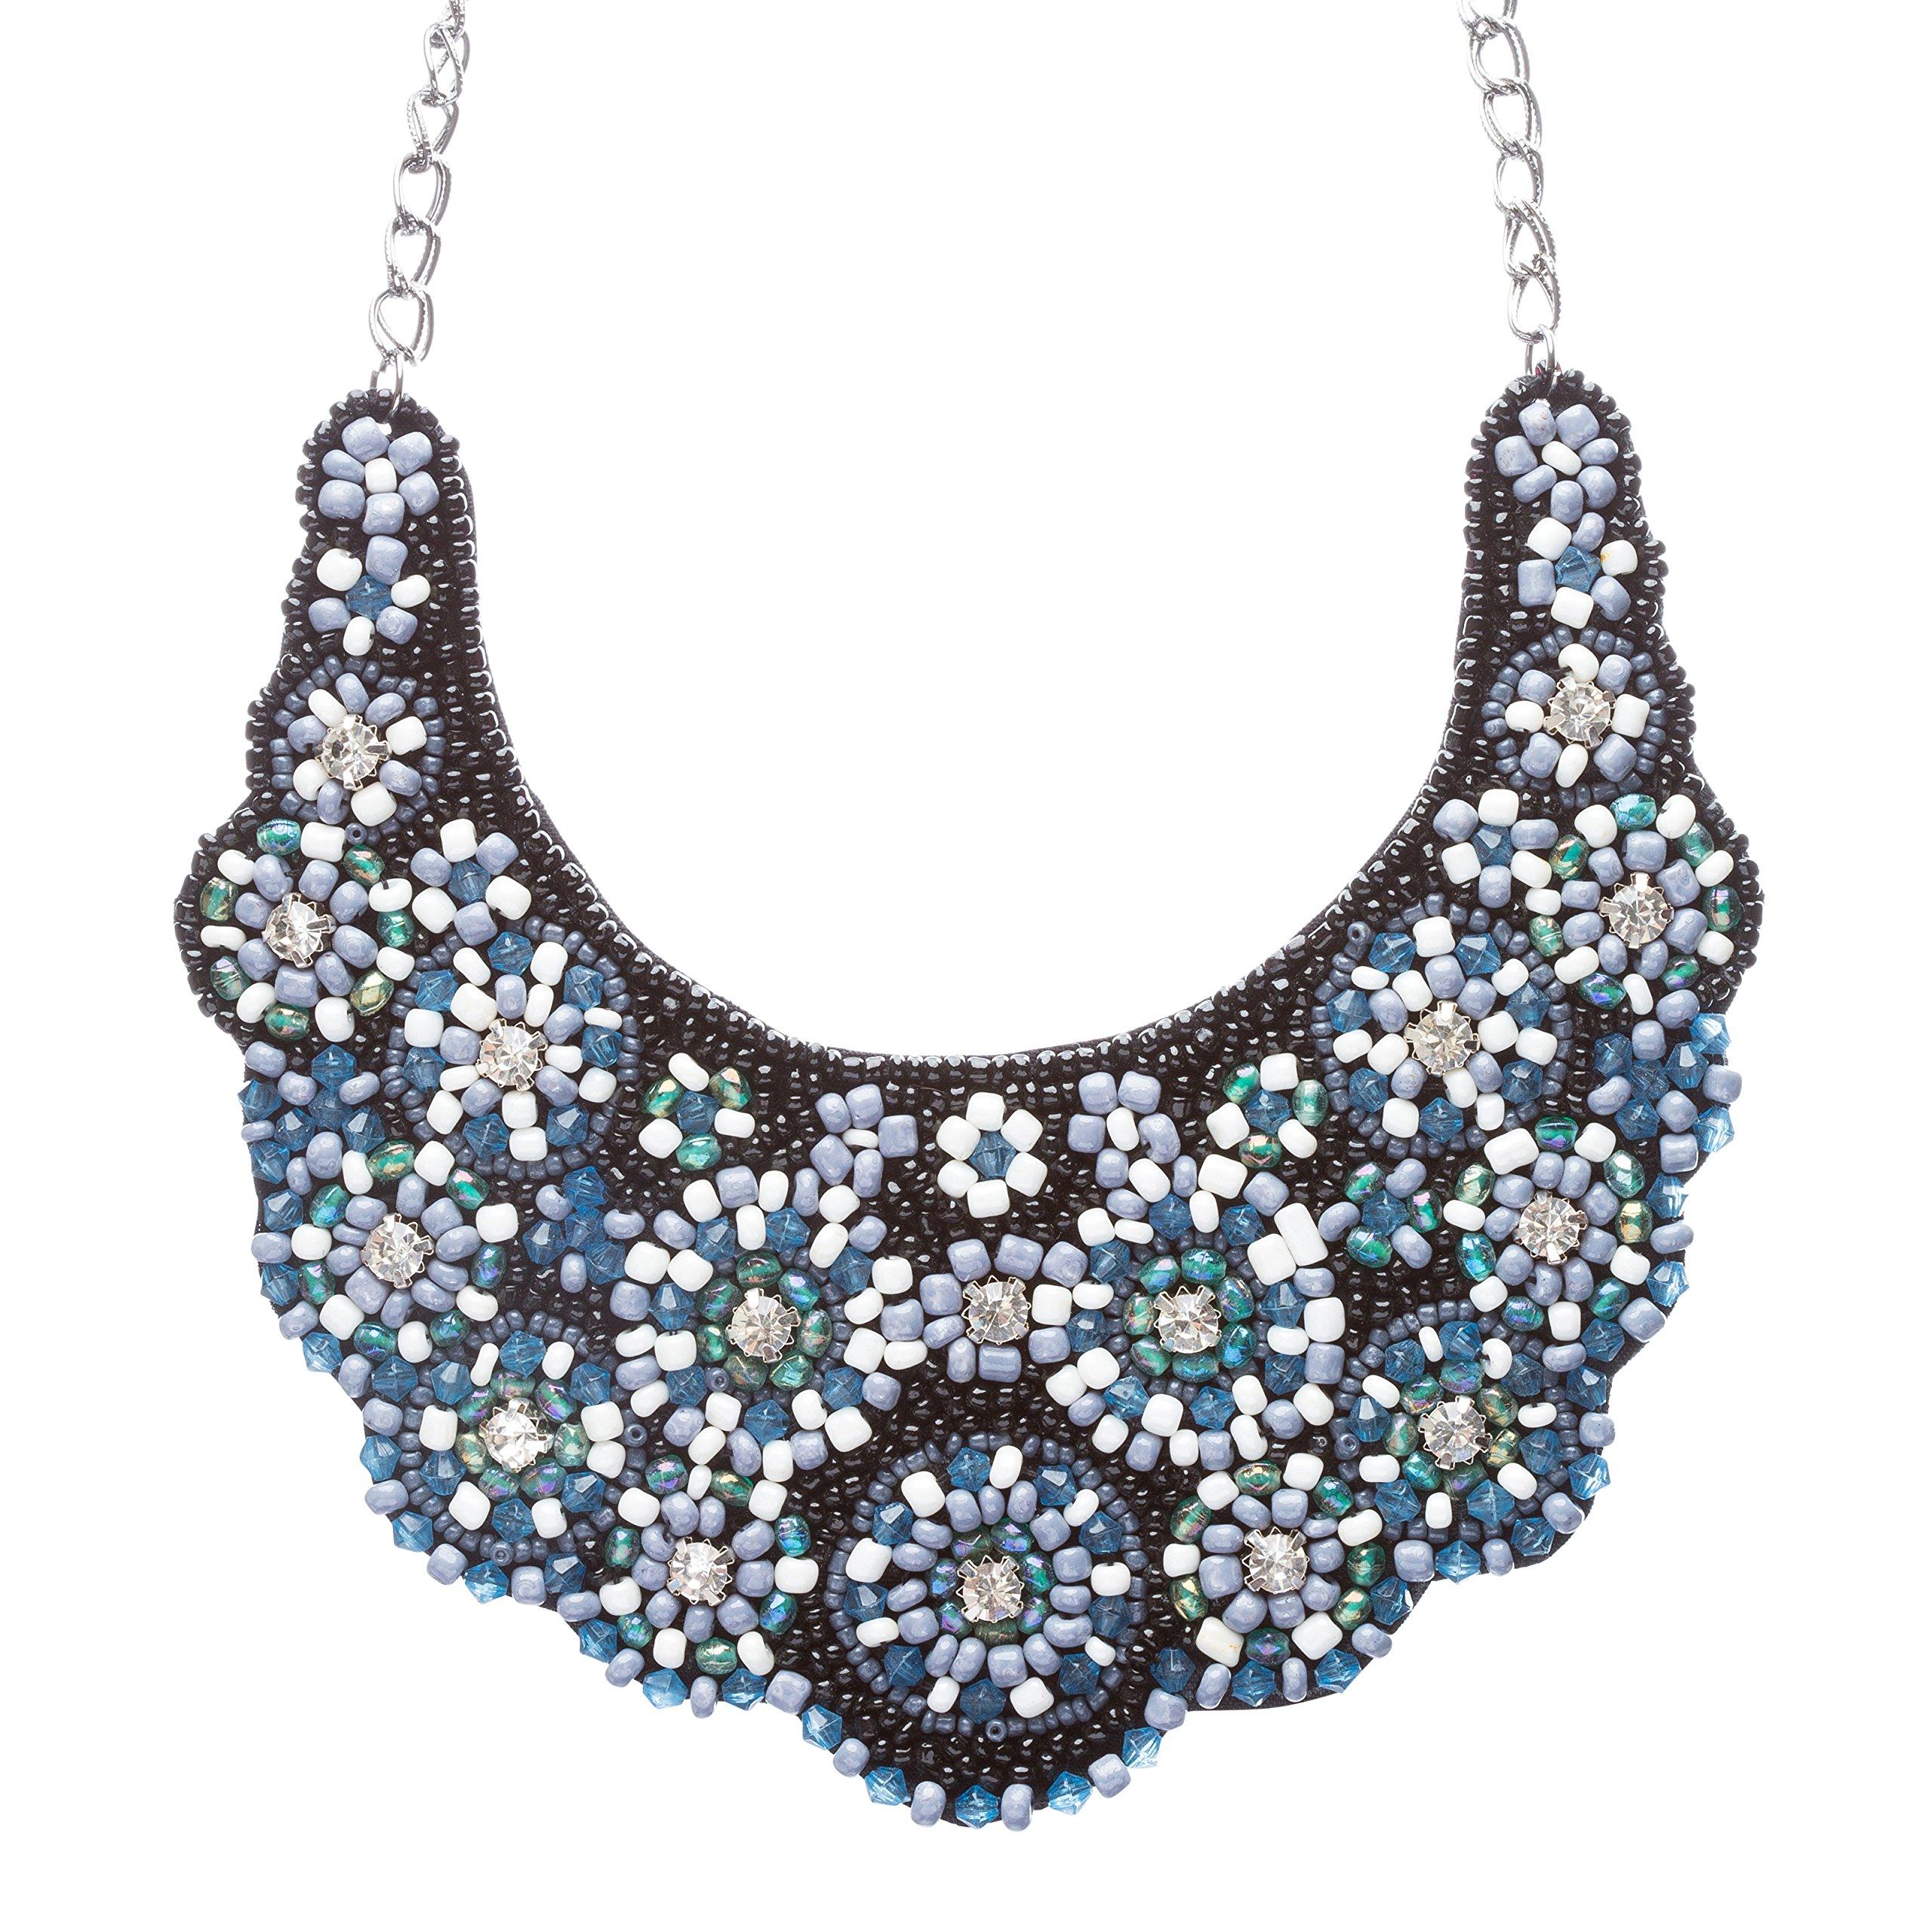 Meticulously Fascinating Crystal Rhinestone Beaded Bib Necklace N81 Black